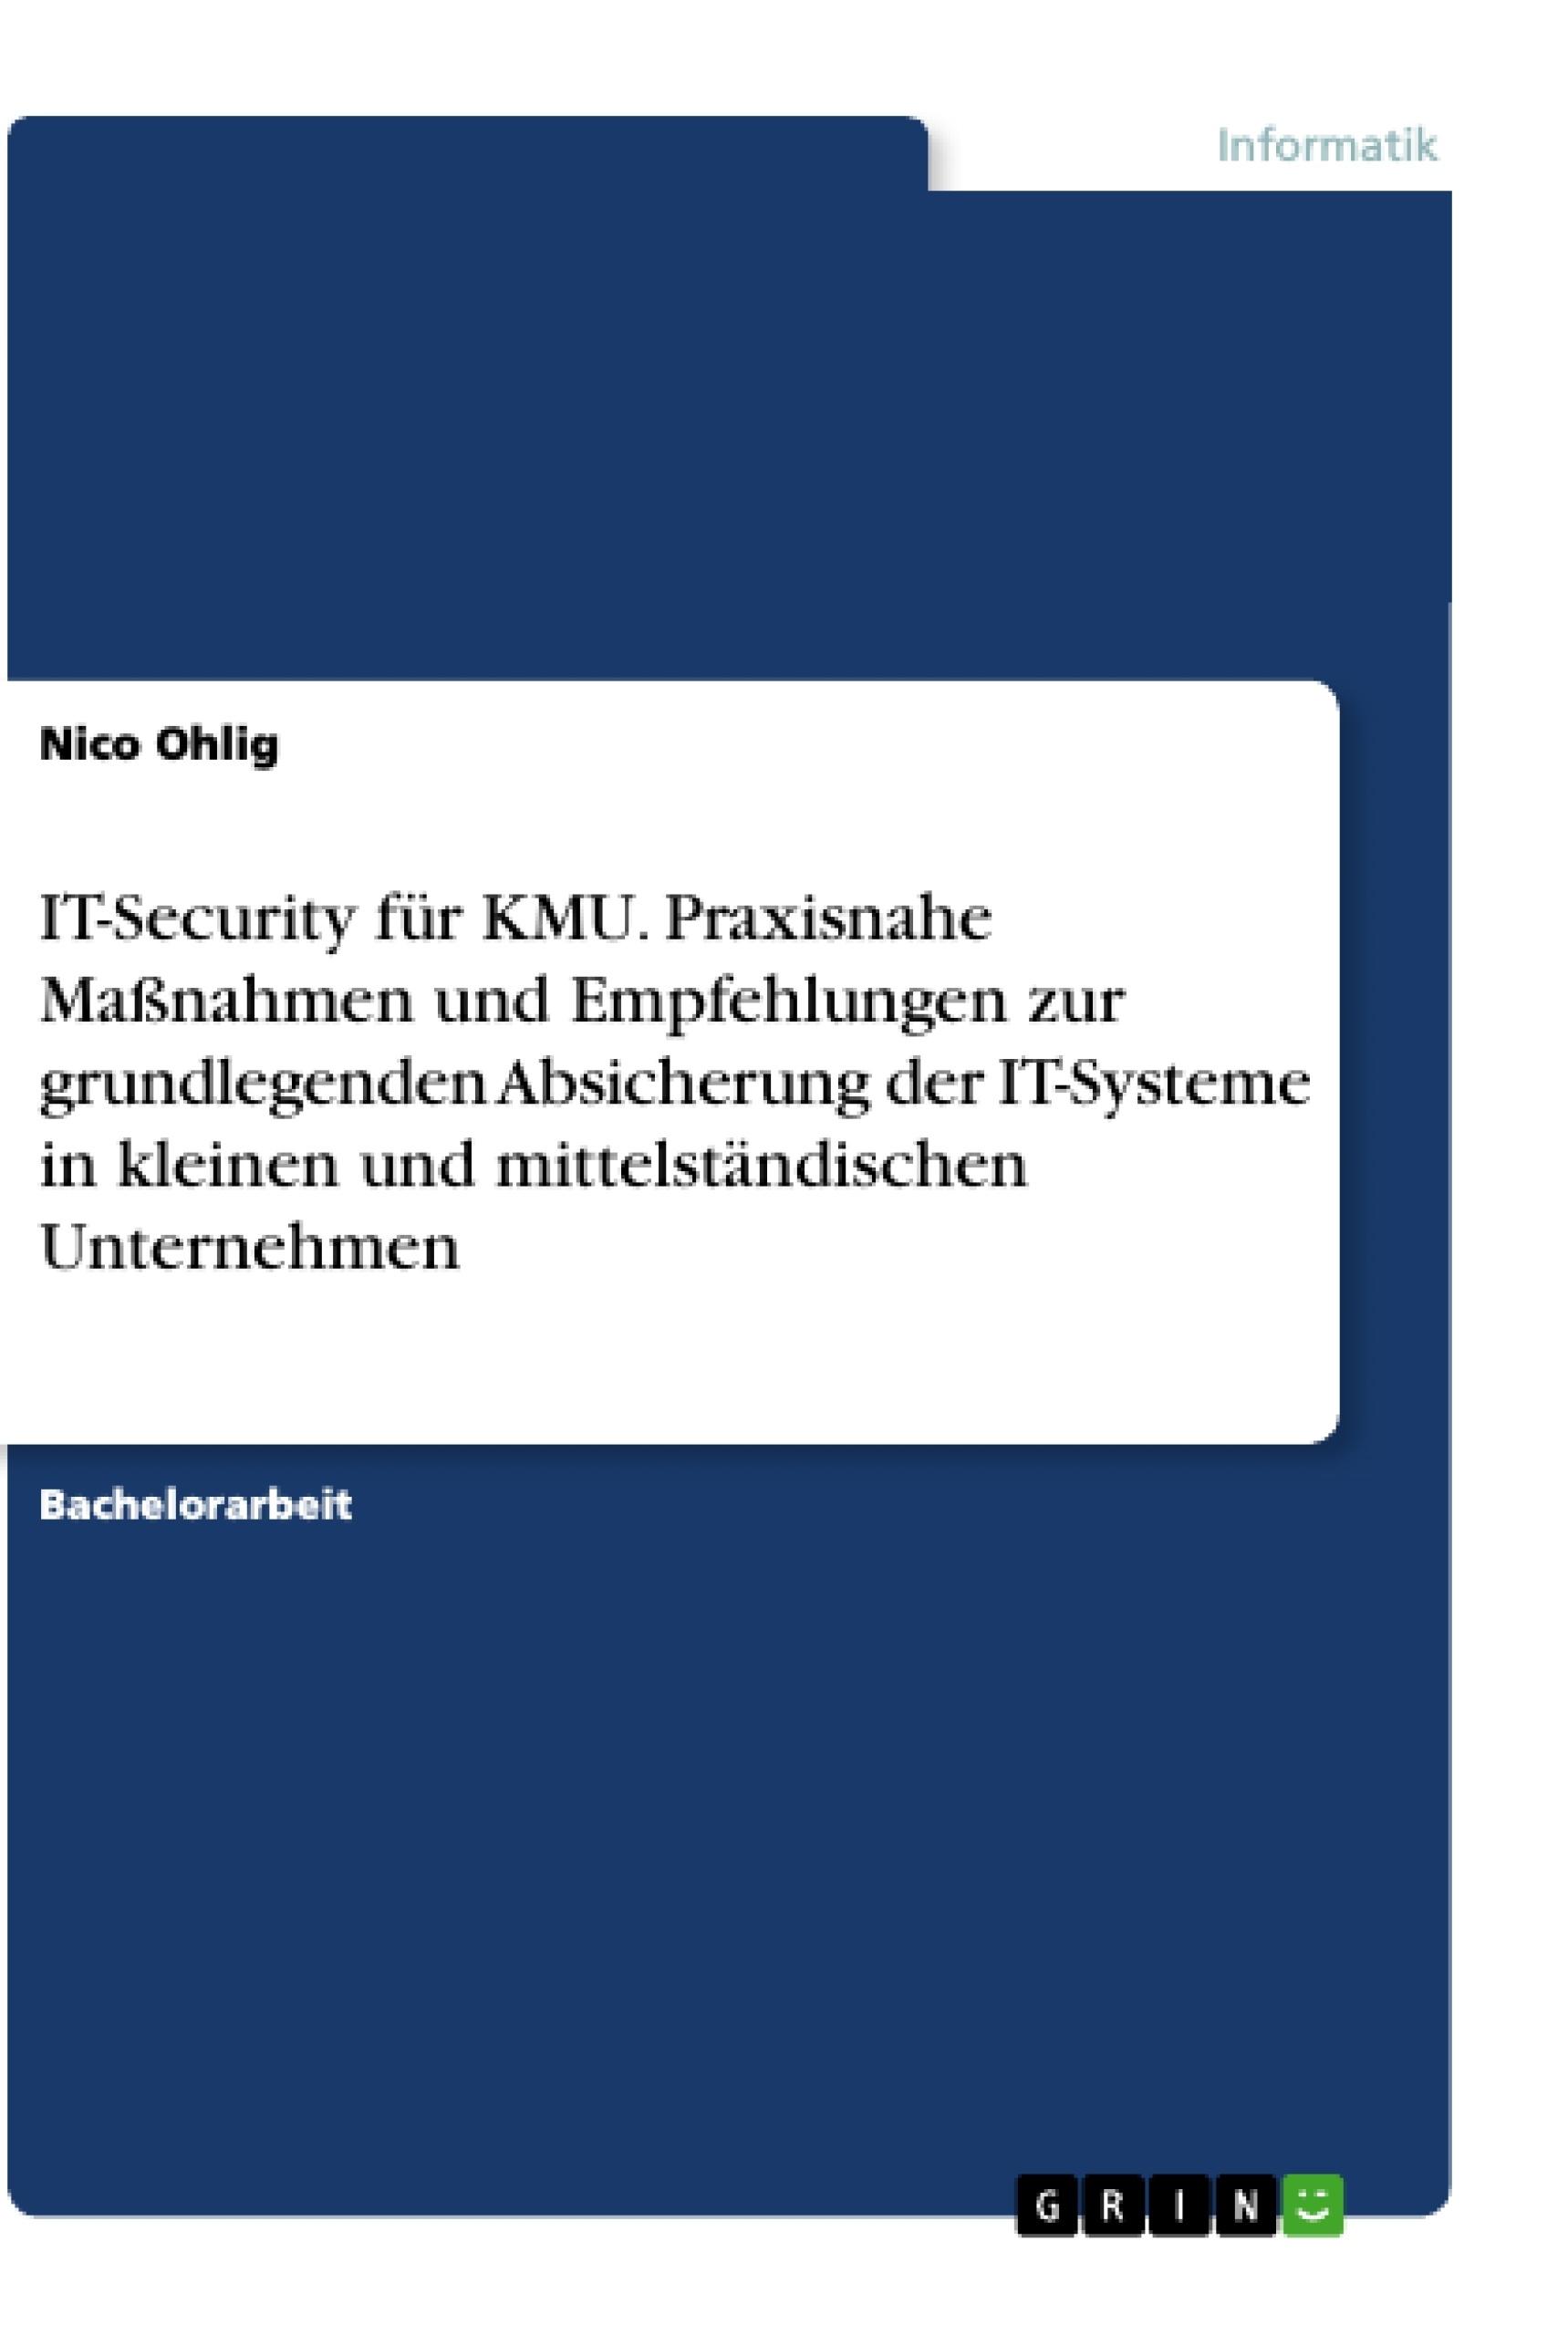 Titel: IT-Security für KMU. Praxisnahe Maßnahmen und Empfehlungen zur grundlegenden Absicherung der IT-Systeme in kleinen und mittelständischen Unternehmen